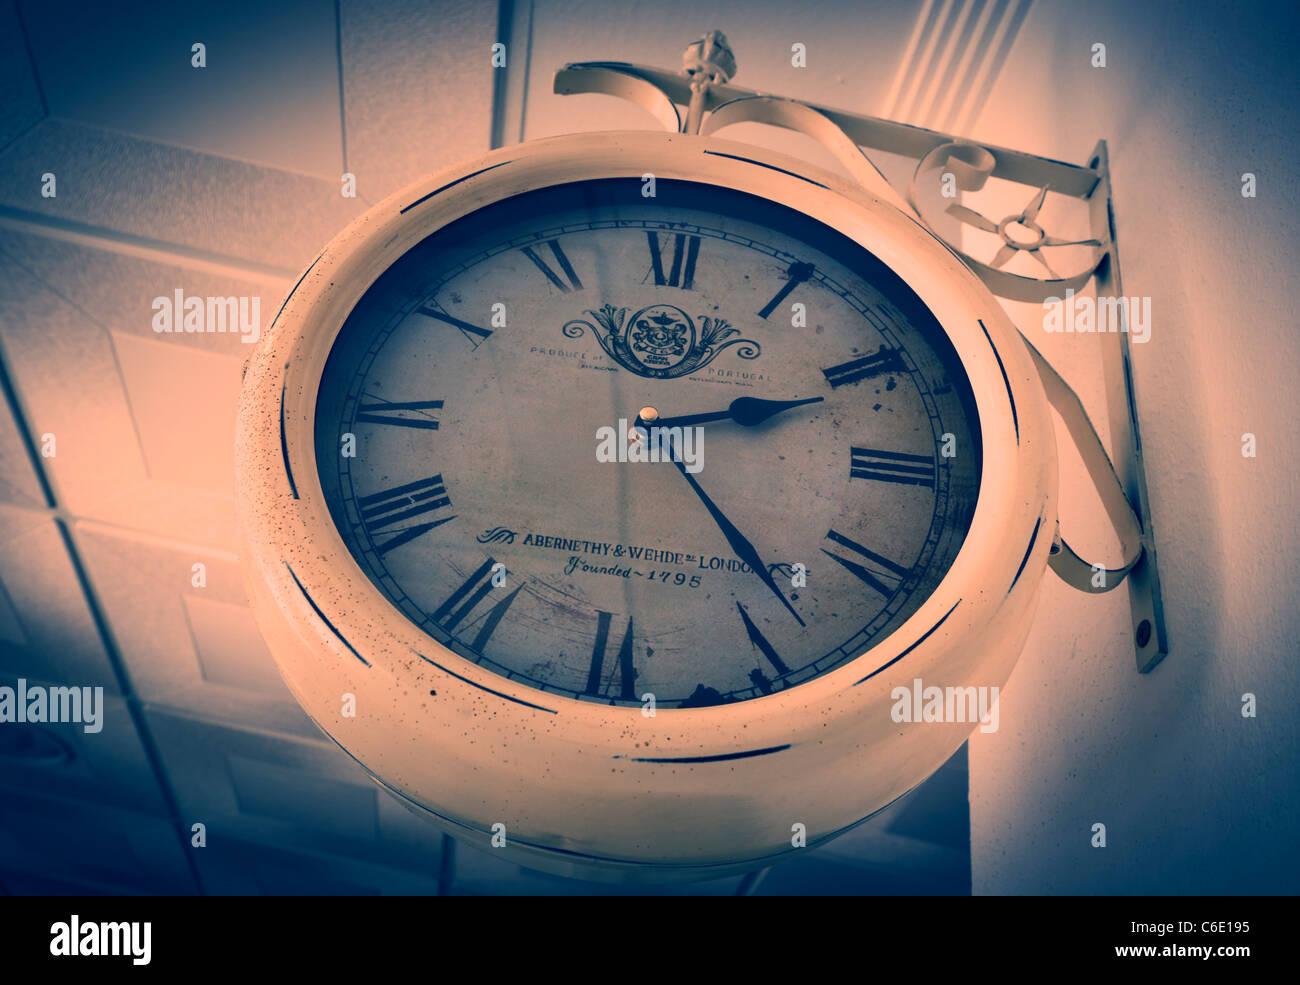 Antiguo reloj con números romanos en la pared. Imagen De Stock